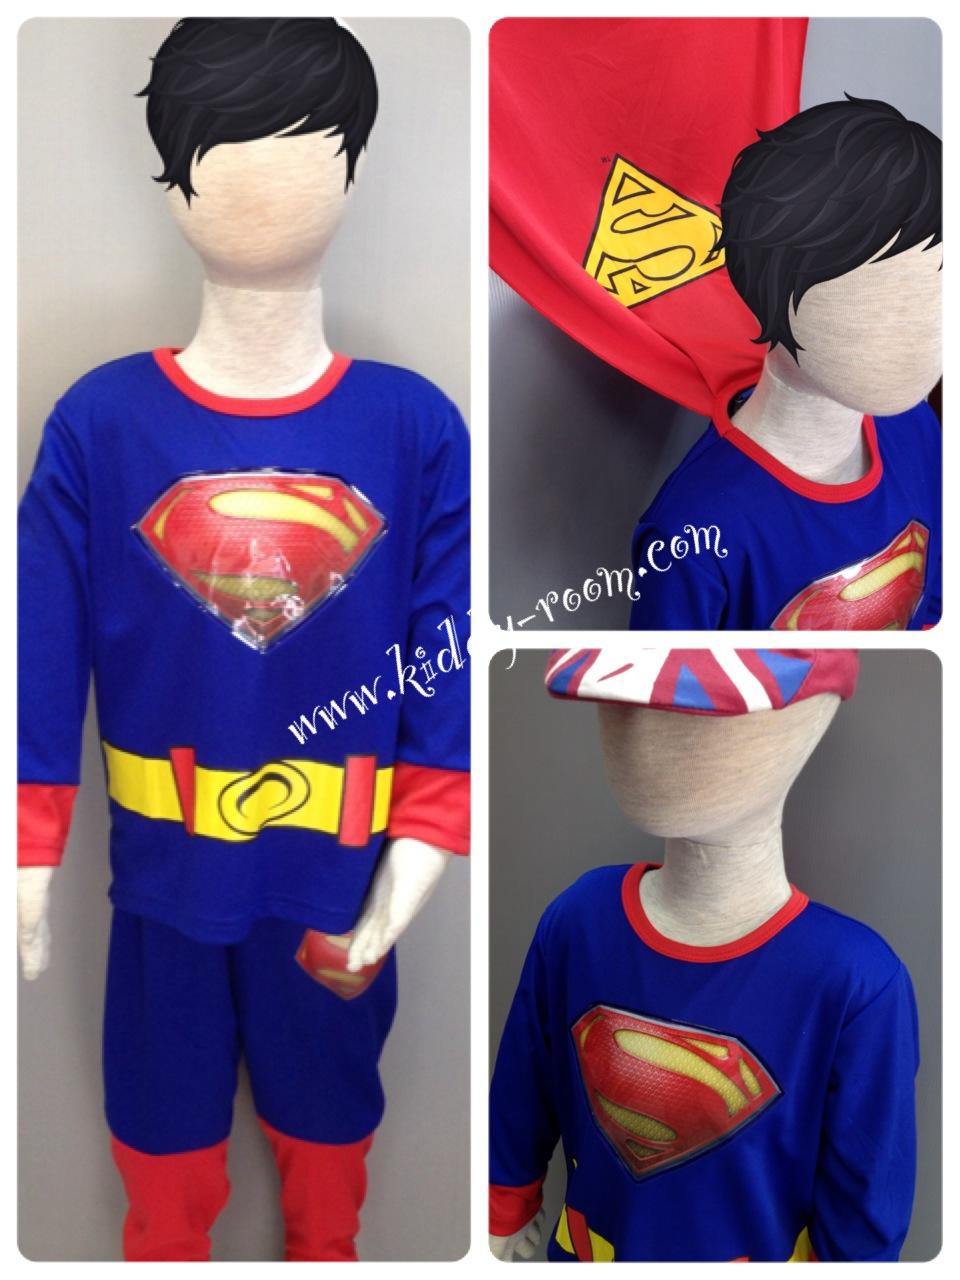 **หมดชั่วคราว** Superman (งานลิขสิทธิ์) ชุดแฟนซีเด็กซุปเปอร์แมน มีไฟ 2 ชิ้น เสื้อพร้อมผ้าคลุม และกางเกง (รุ่นนี้มีสกรีนเข็มขัดเพิ่มมาค่ะ ส่วนกางเกงจะไม่มีผ้าต่อเป็นกางเกงใน) คุณหนูๆ ได้ใส่ตามจิตนาการ ผ้ามัน Polyester ใส่สบายค่ะ หรือจะใส่เป็นชุดนอนก็ได้ค่ะ